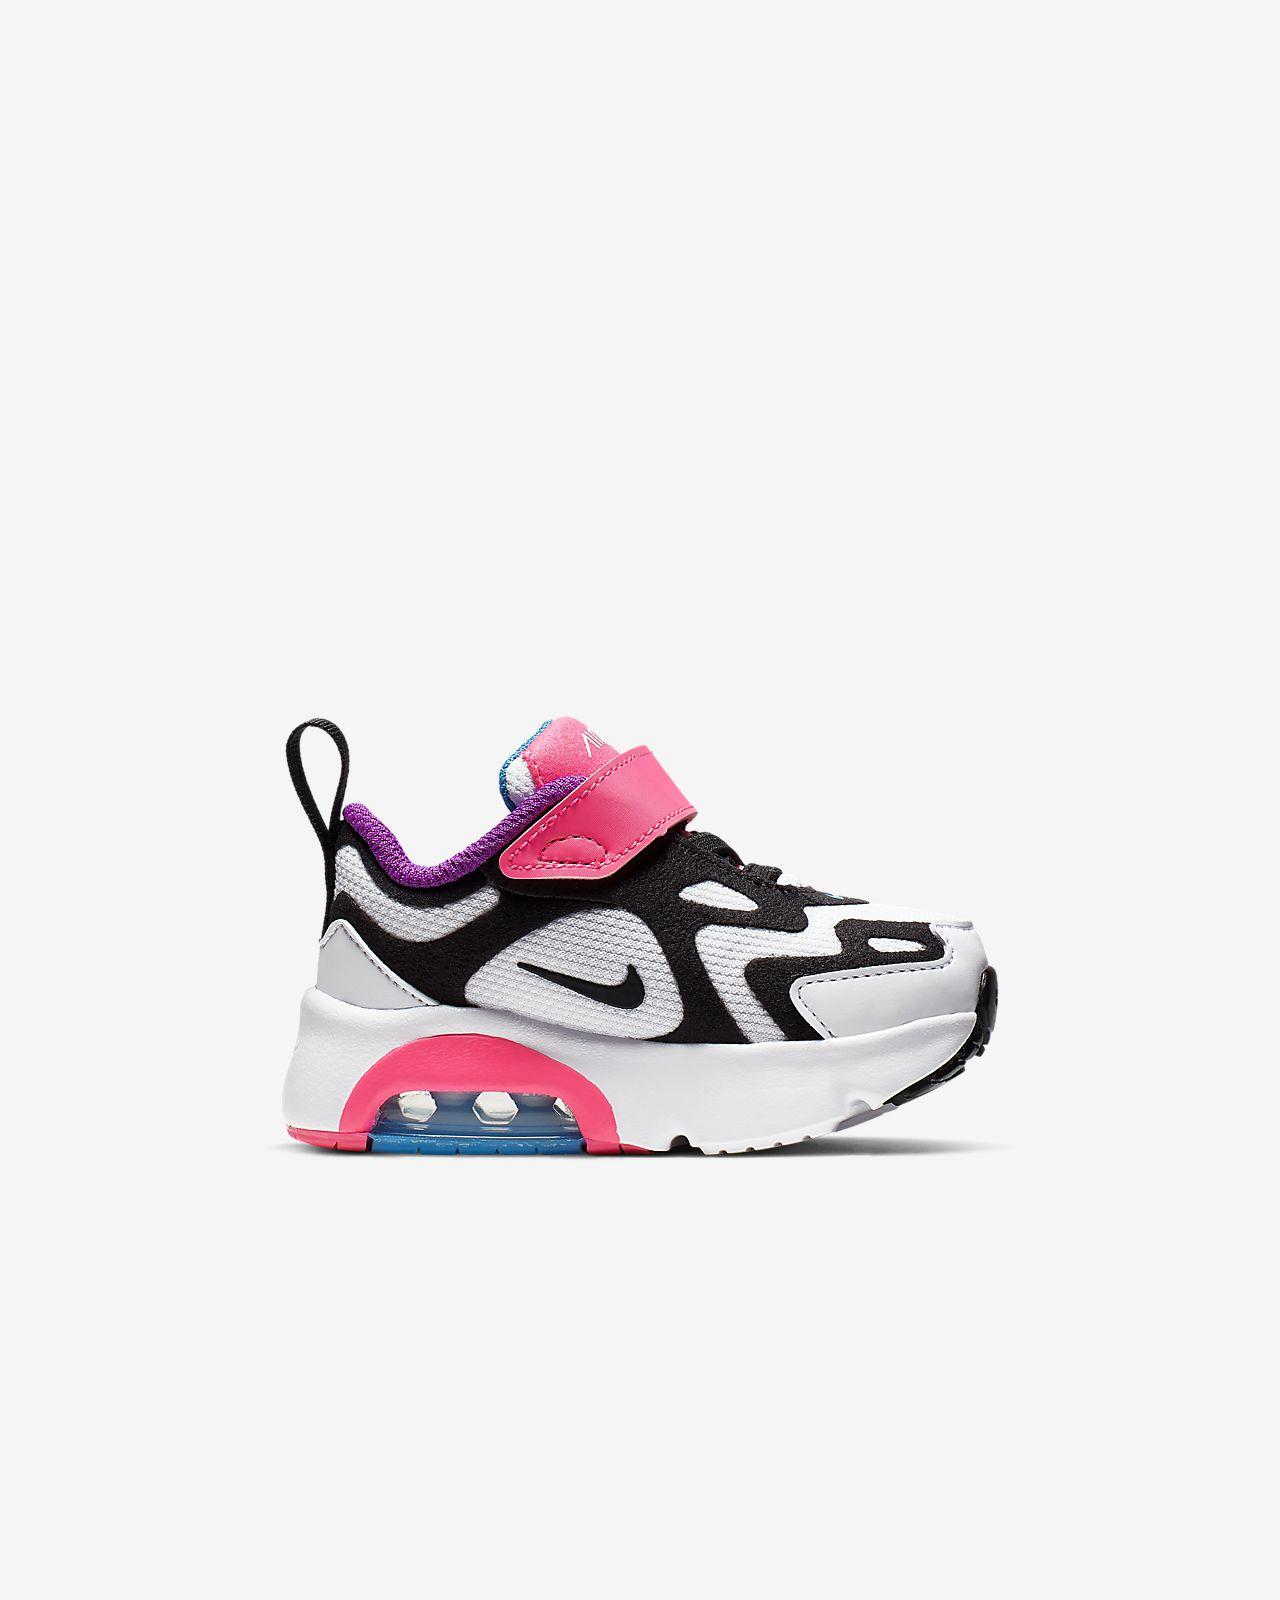 BABY MÄDCHEN • Nike Air Max • Schuhe Gr. 22 schwarz Pink